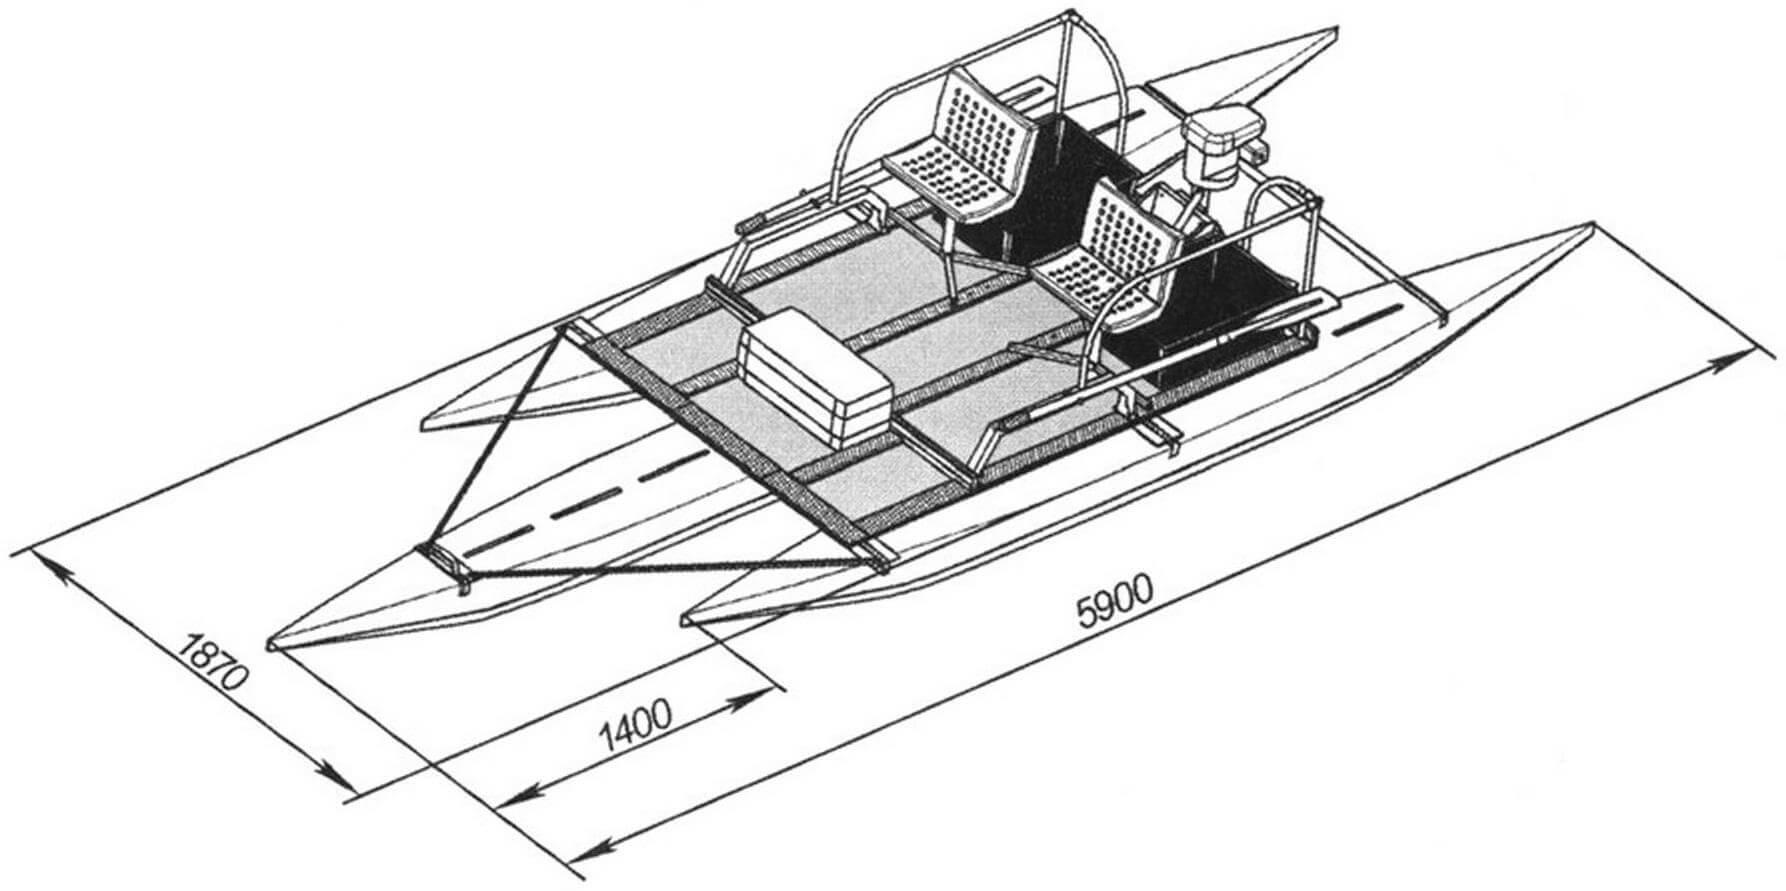 Общий вид тримарана. В носовой части установлена дополнительная секция мостика